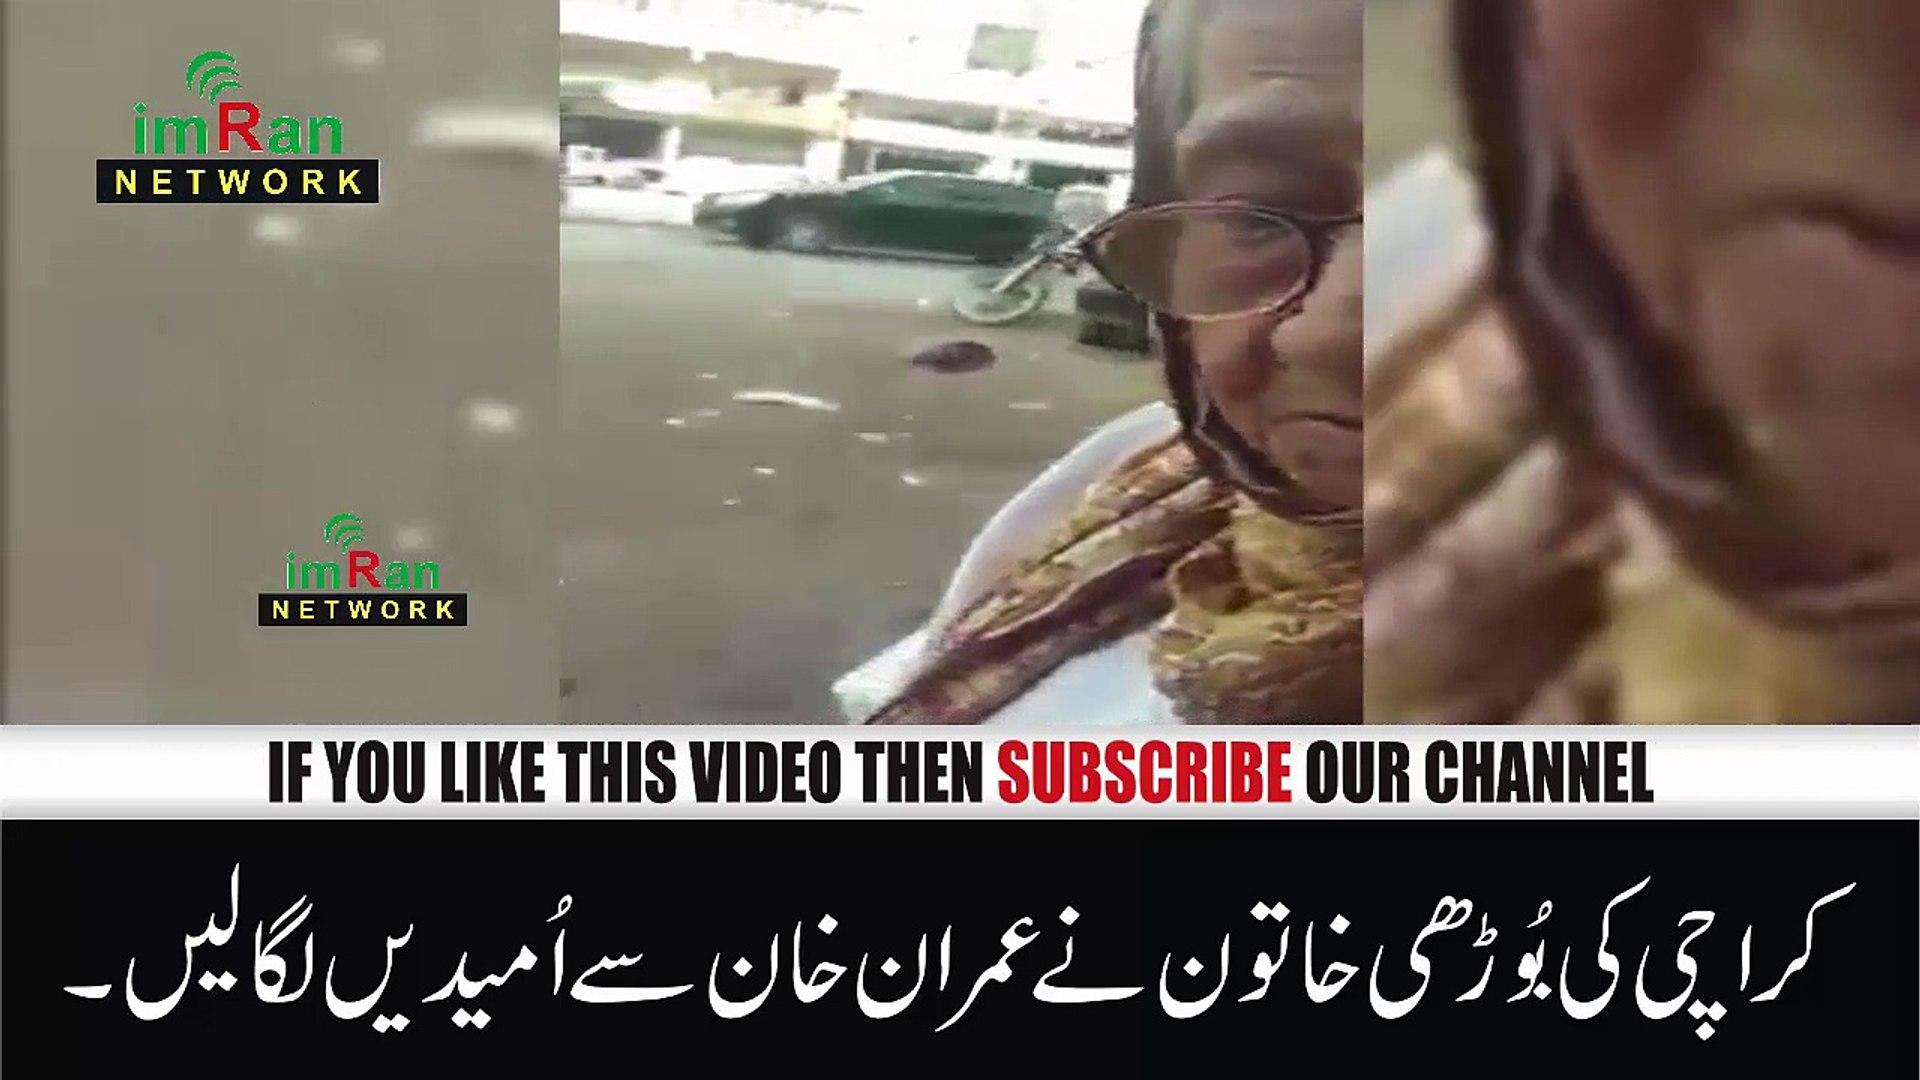 bori aurat ny imran khan sy umidain wabasta kar lain | Prime Minister Imran Khan latest News and Vid